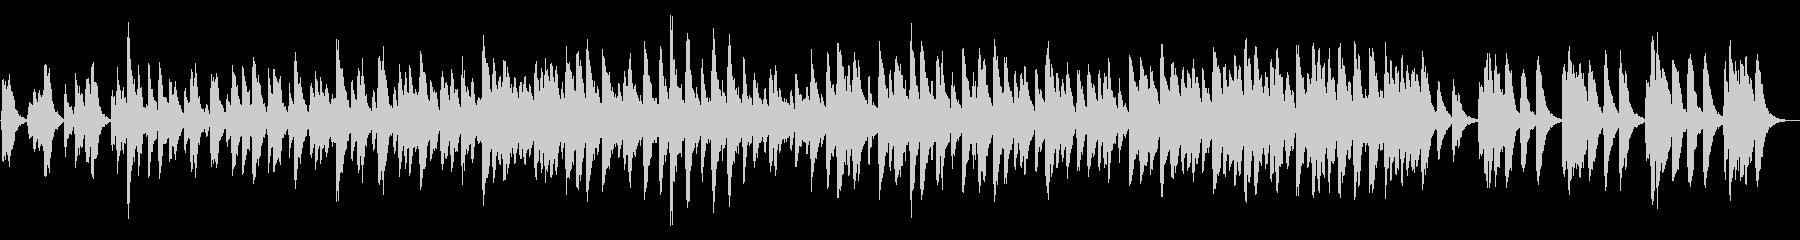 スタッカート弦アンサンブルは、堂々...の未再生の波形